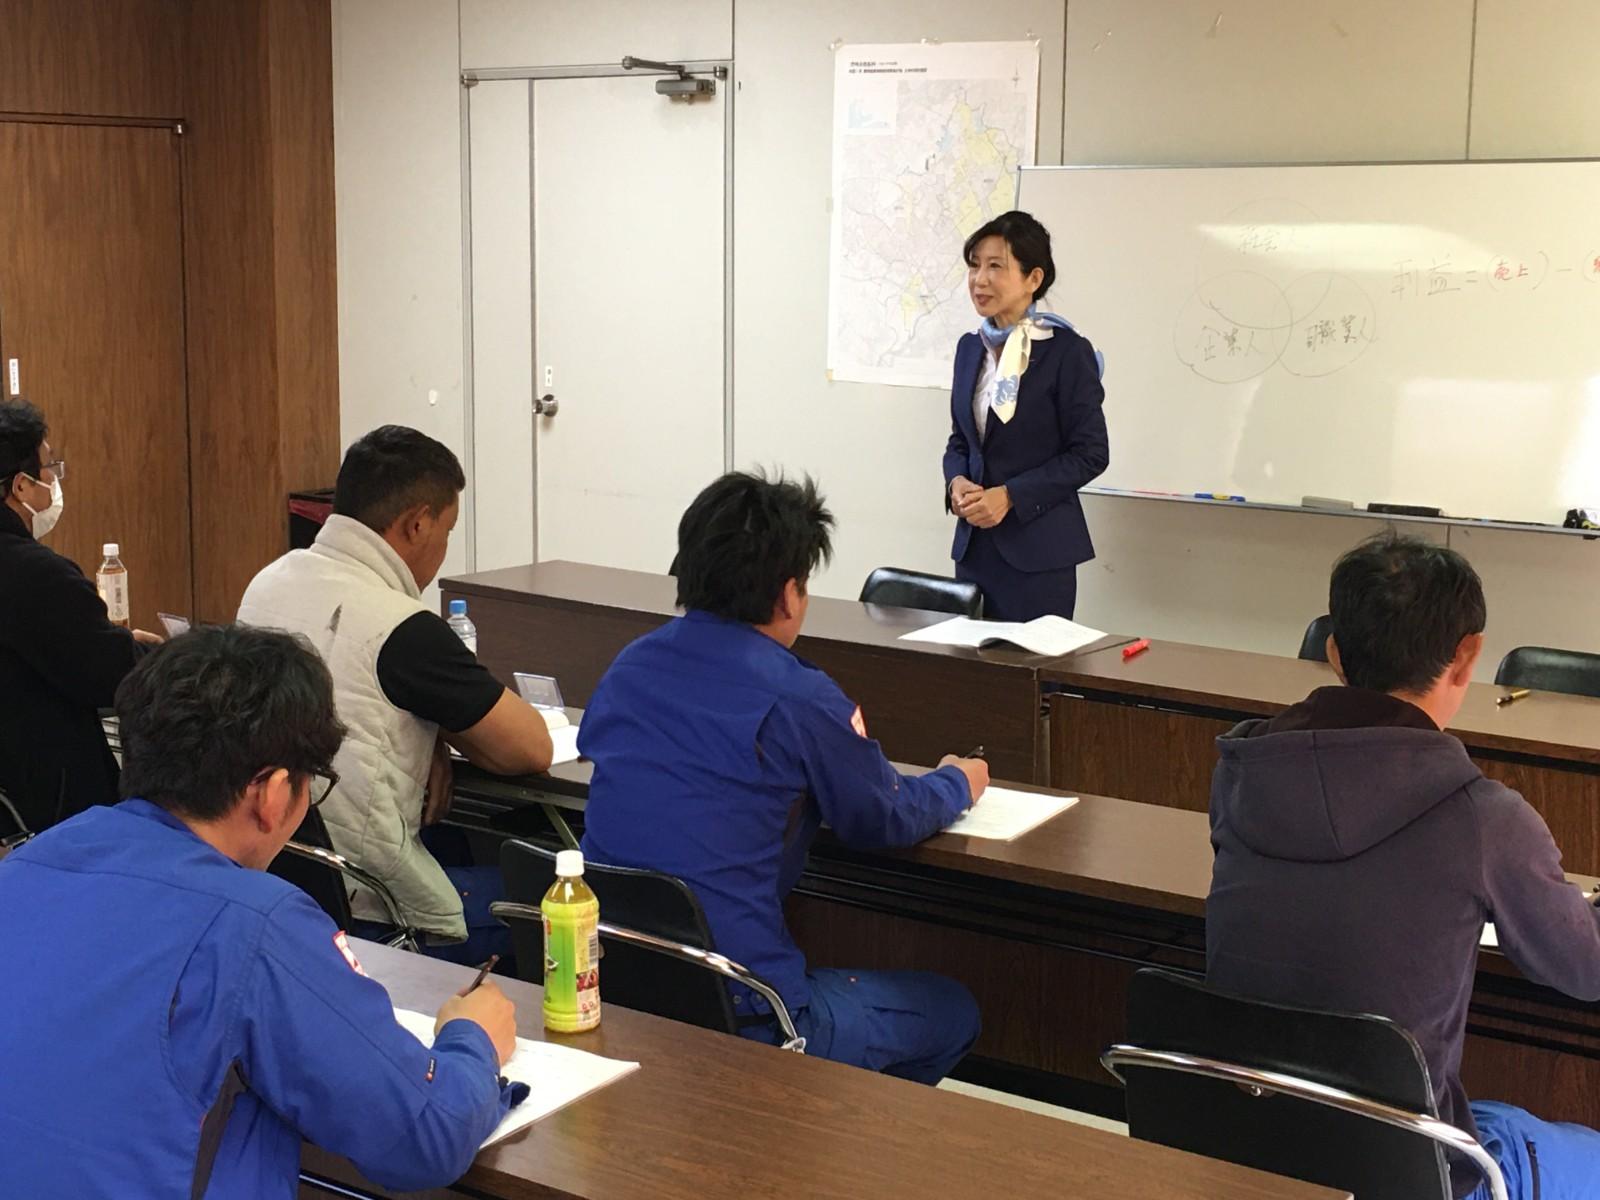 【開催報告】某石材会社のビジネスマナー研修